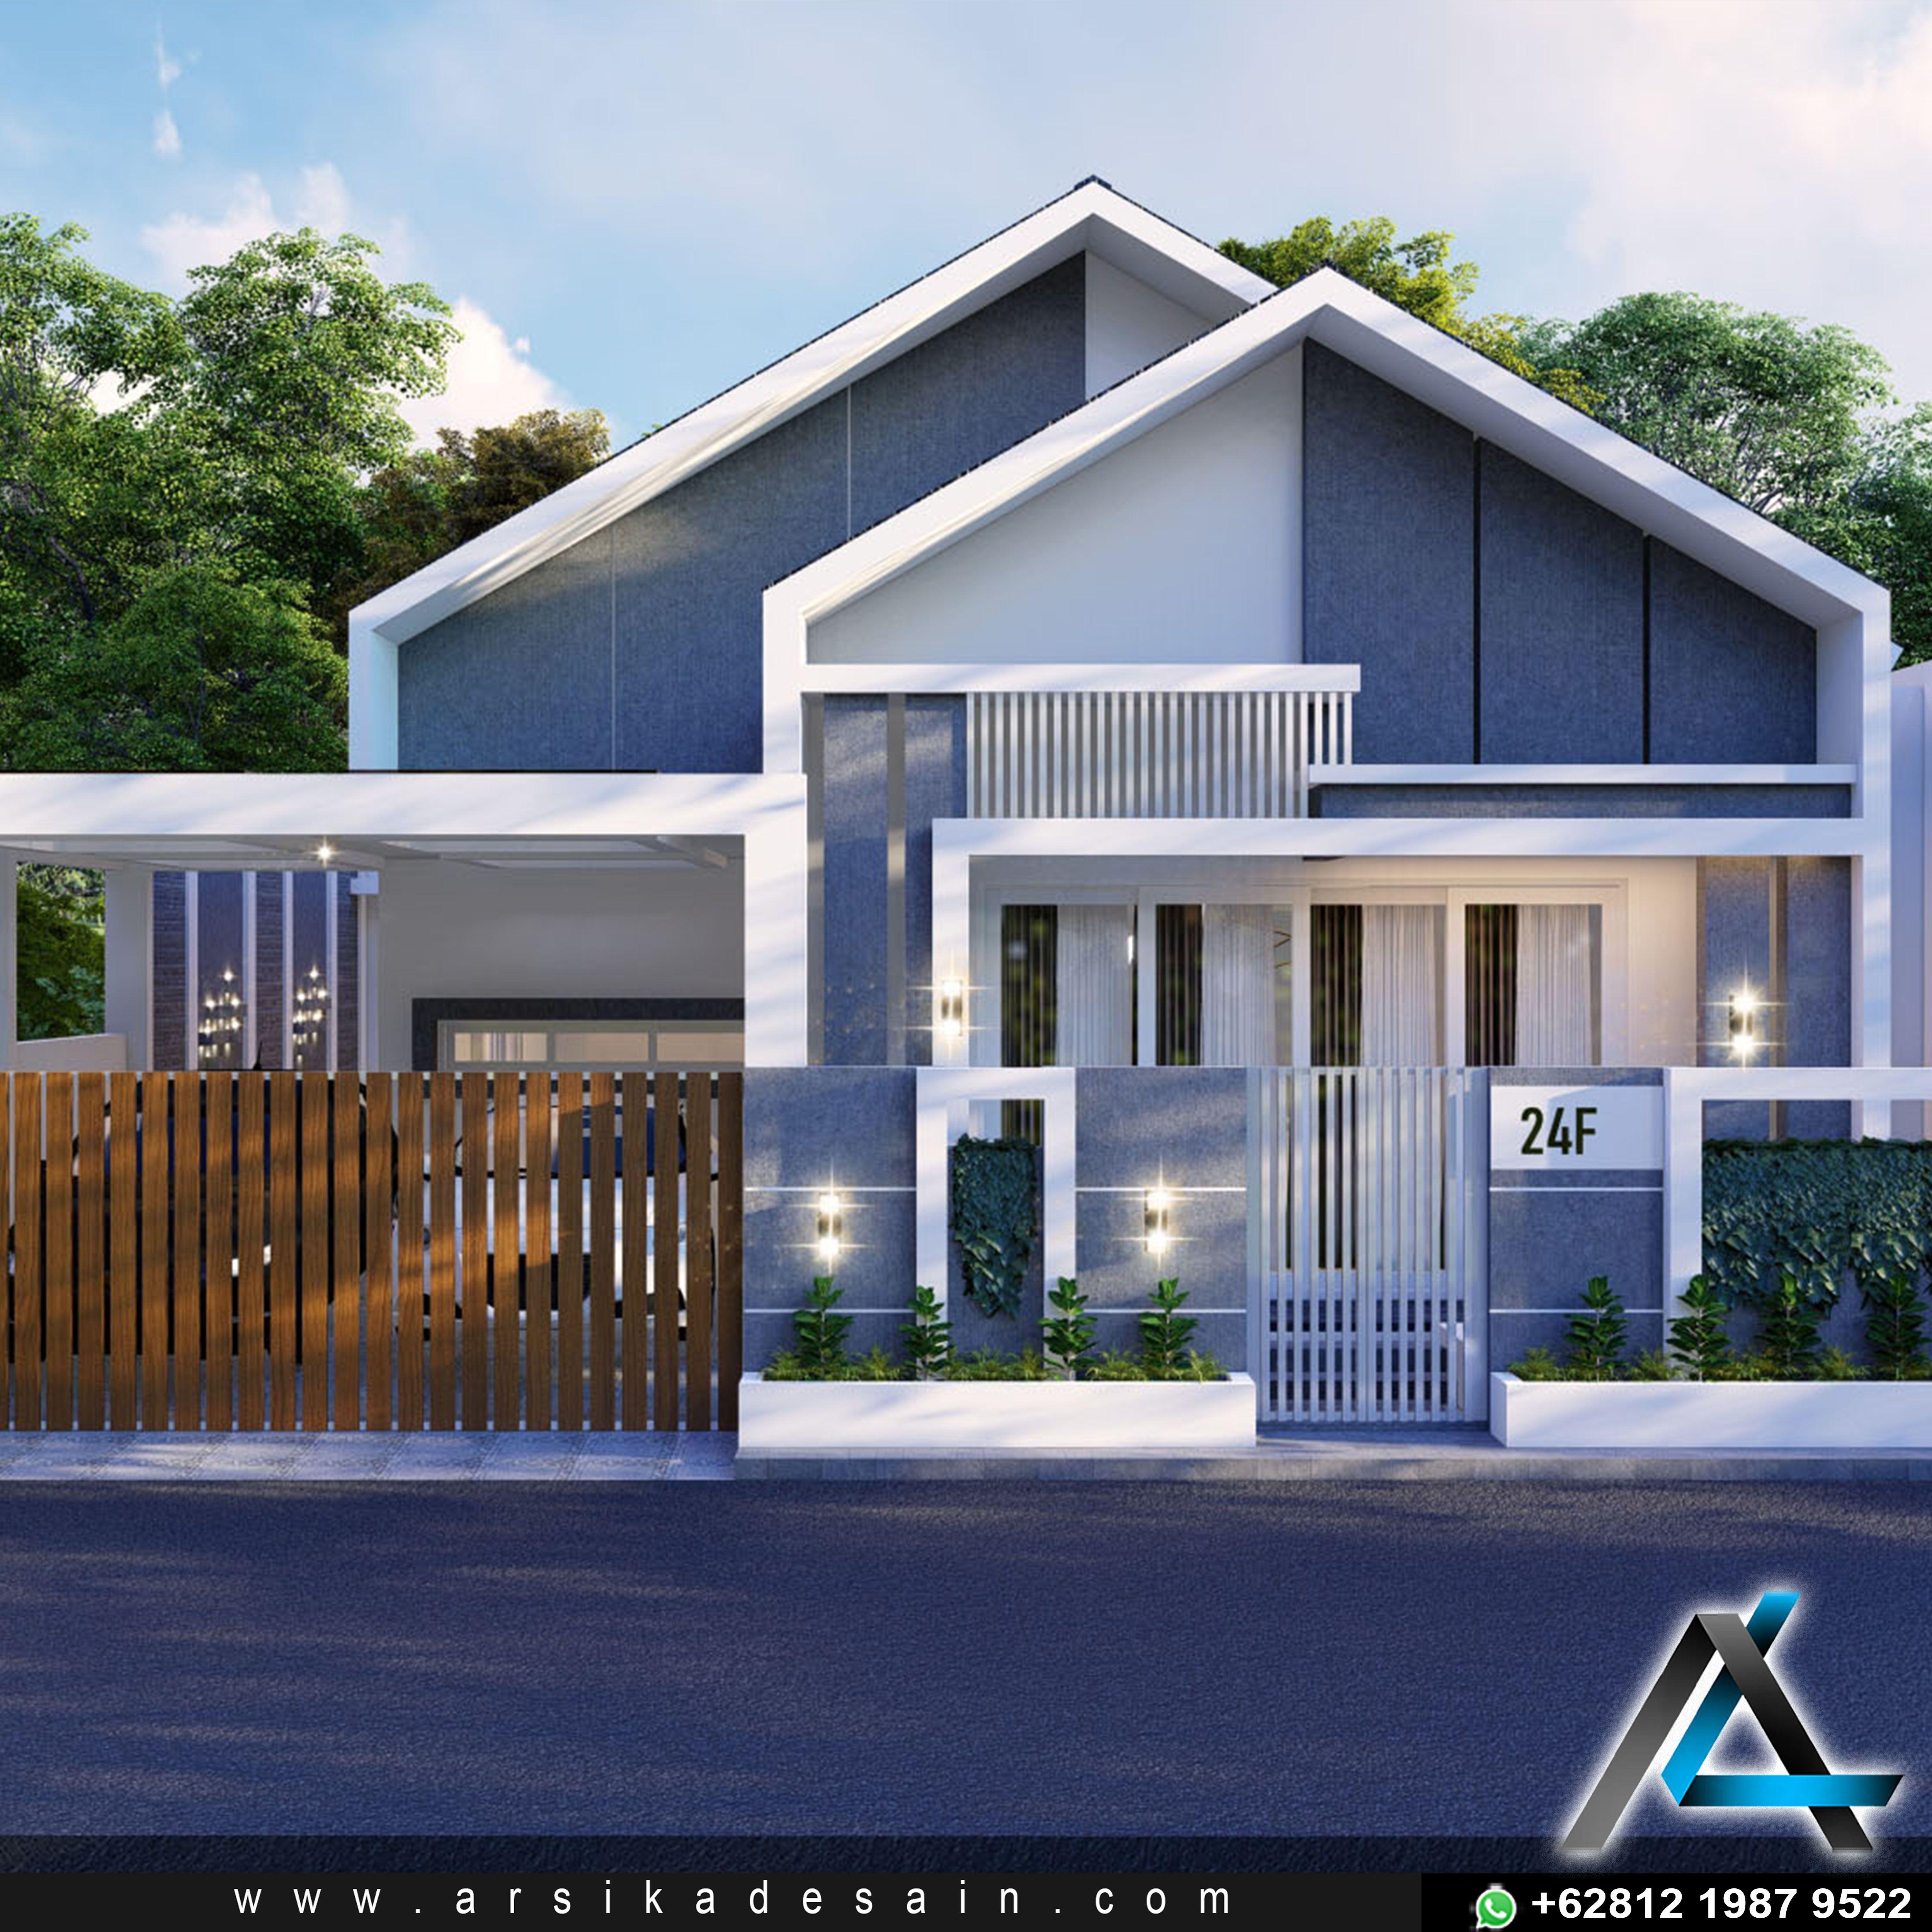 Desain Rumah Scandinavian Di 2020 Arsitektur Desain Rumah Rumah Mewah